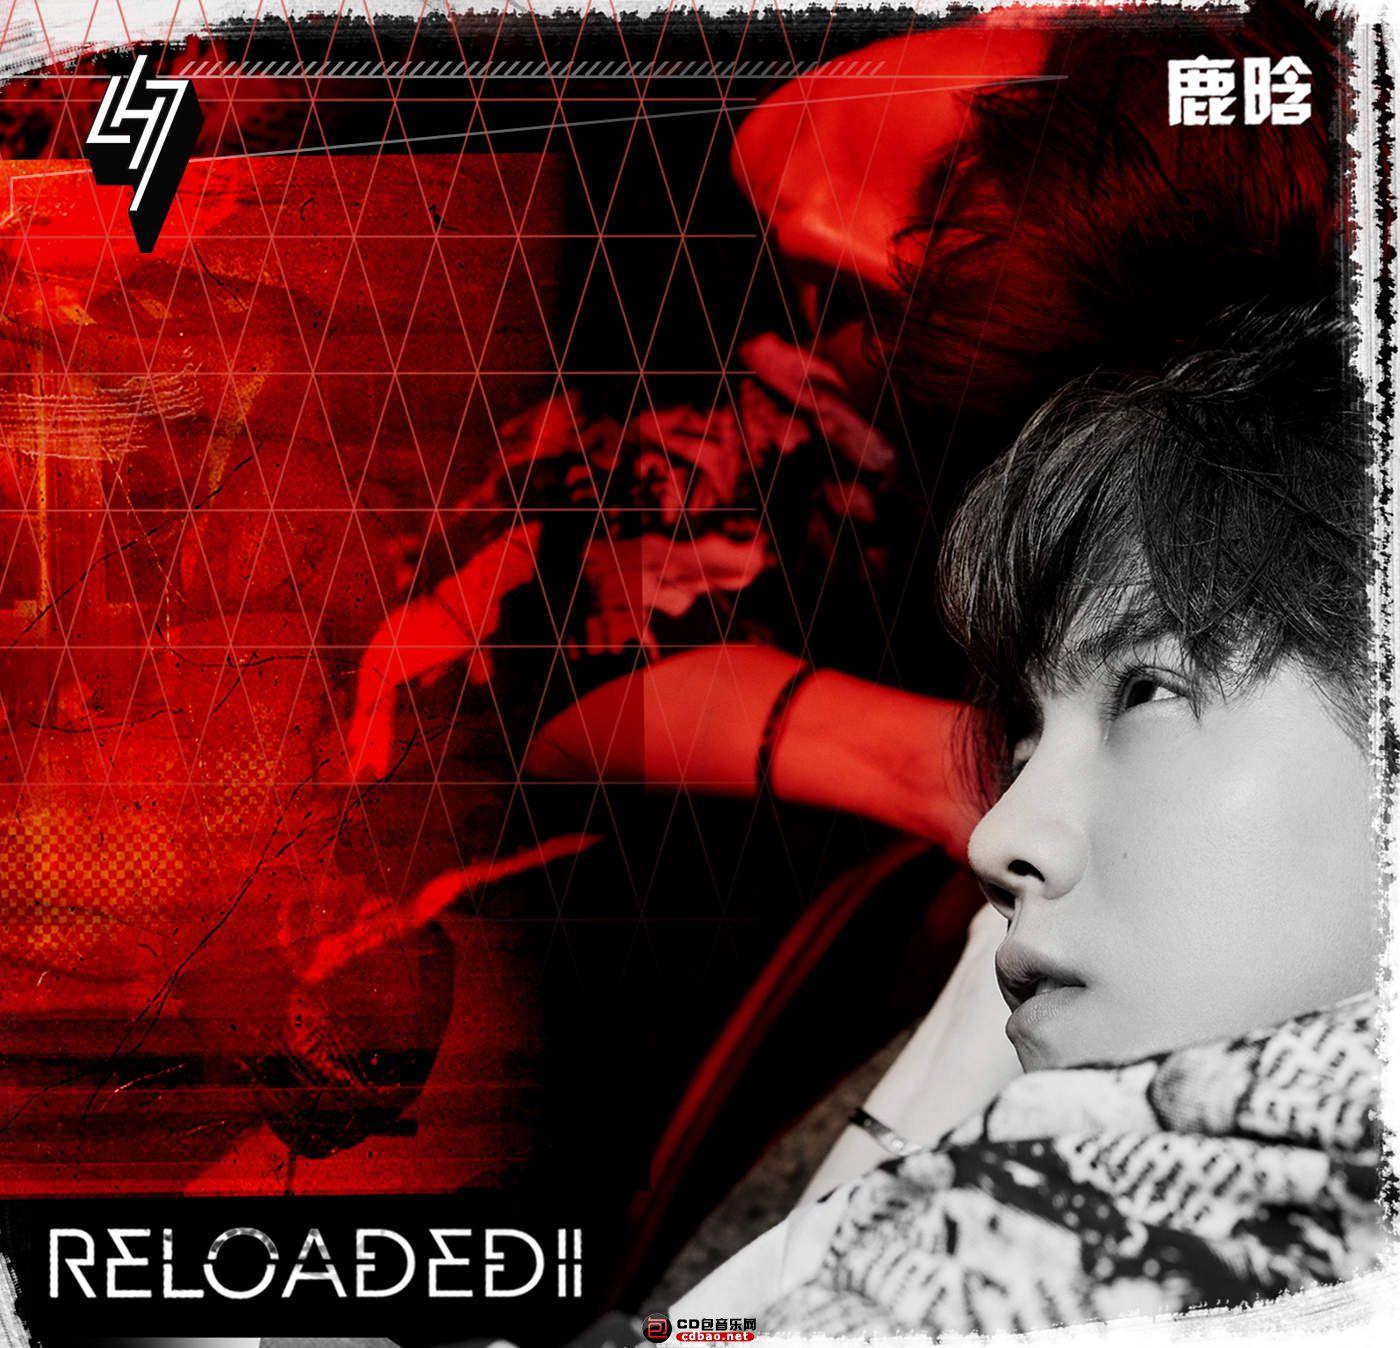 Reloaded II - Single.jpg